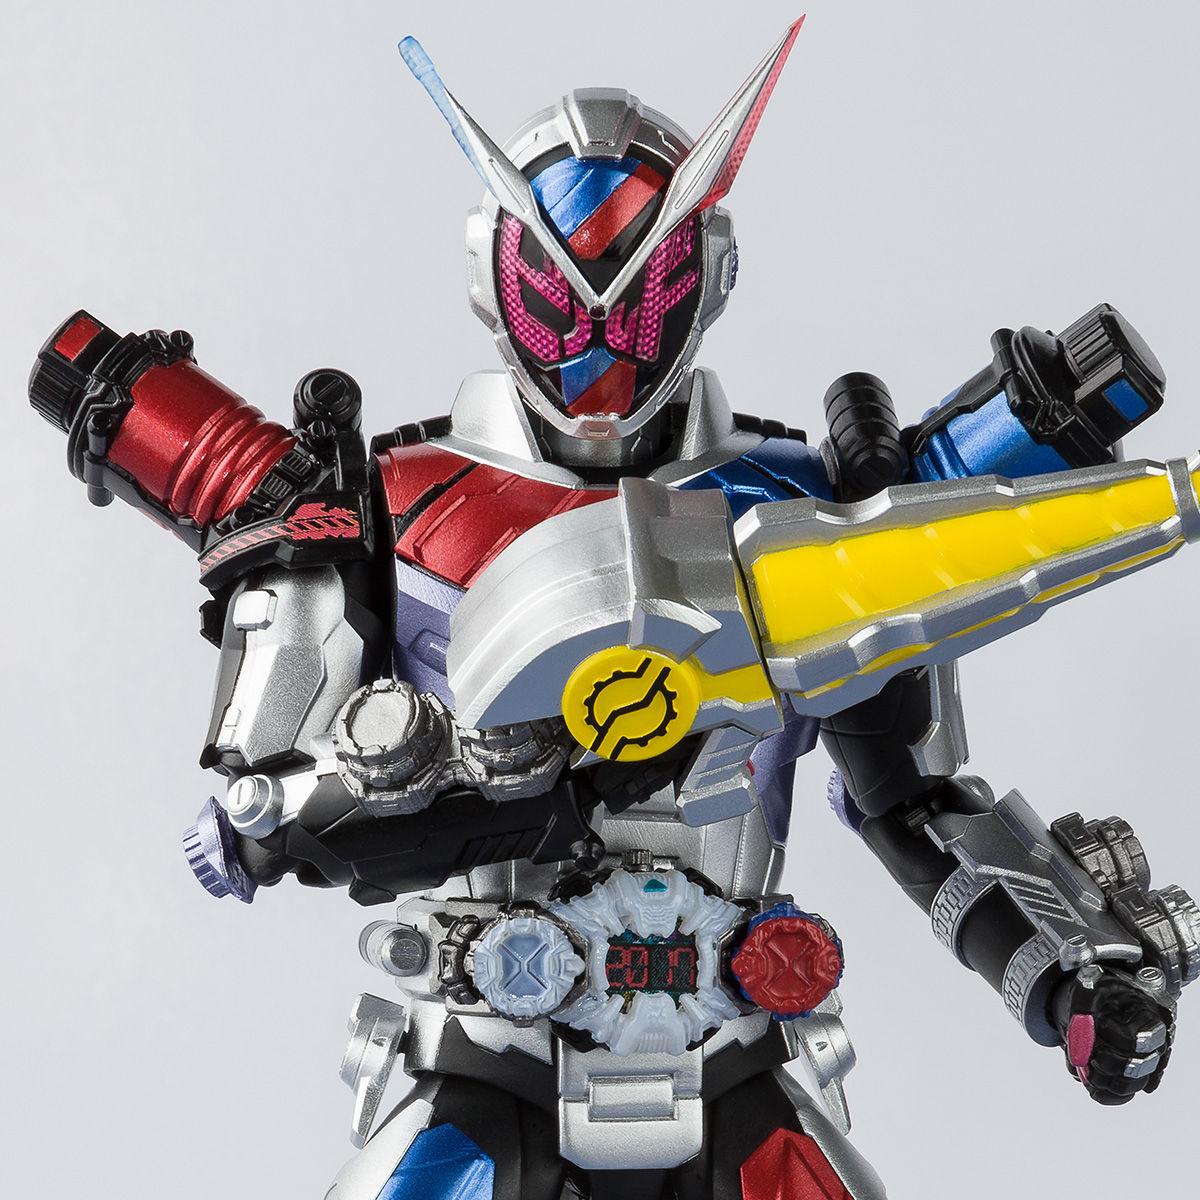 S.H.フィギュアーツ『ビルドアーマー』仮面ライダージオウ 可動フィギュア-001